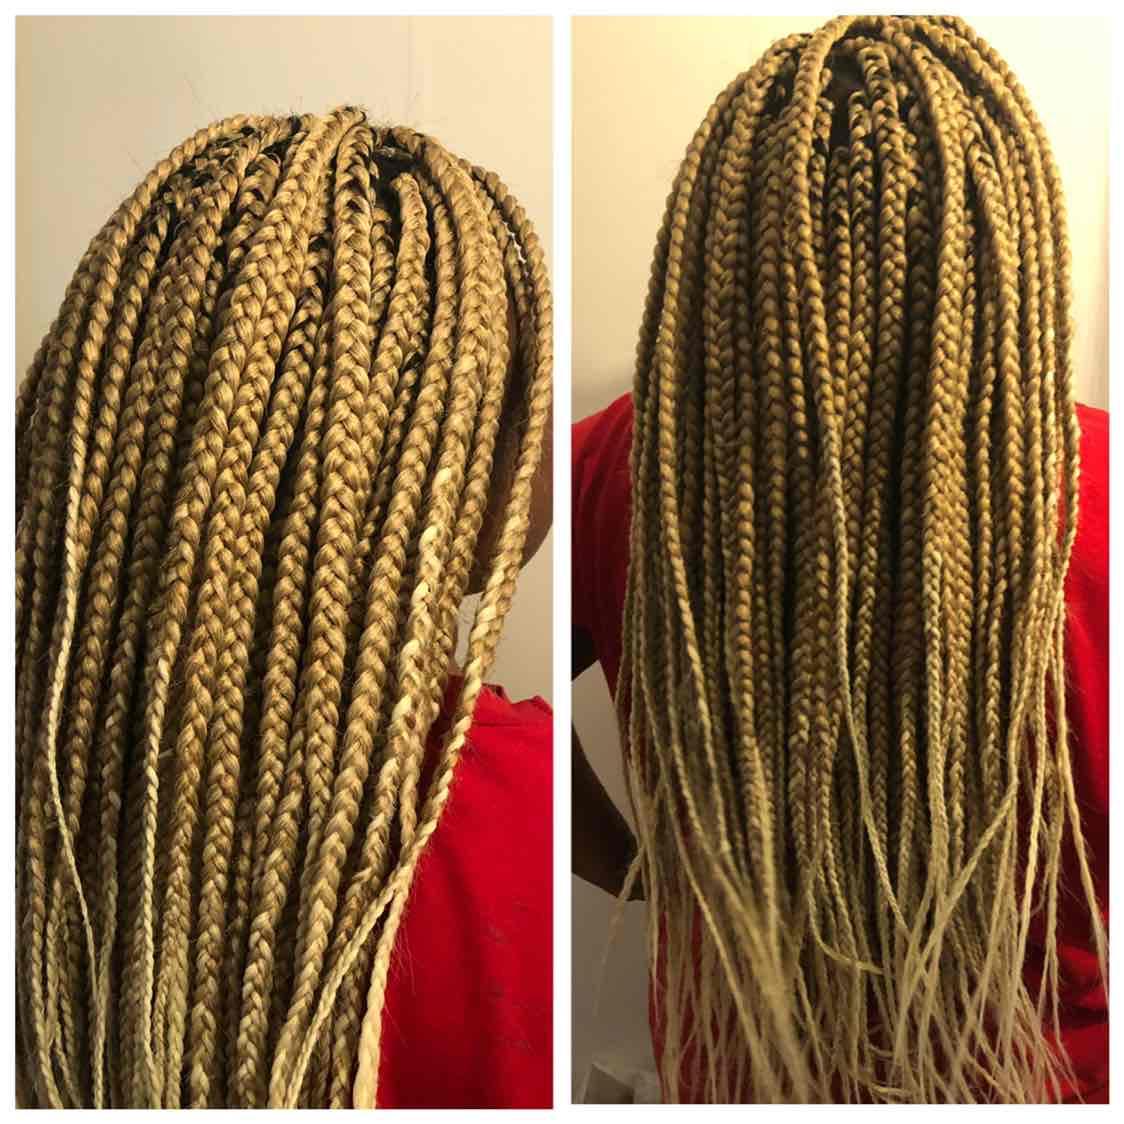 salon de coiffure afro tresse tresses box braids crochet braids vanilles tissages paris 75 77 78 91 92 93 94 95 HBSCNMWN